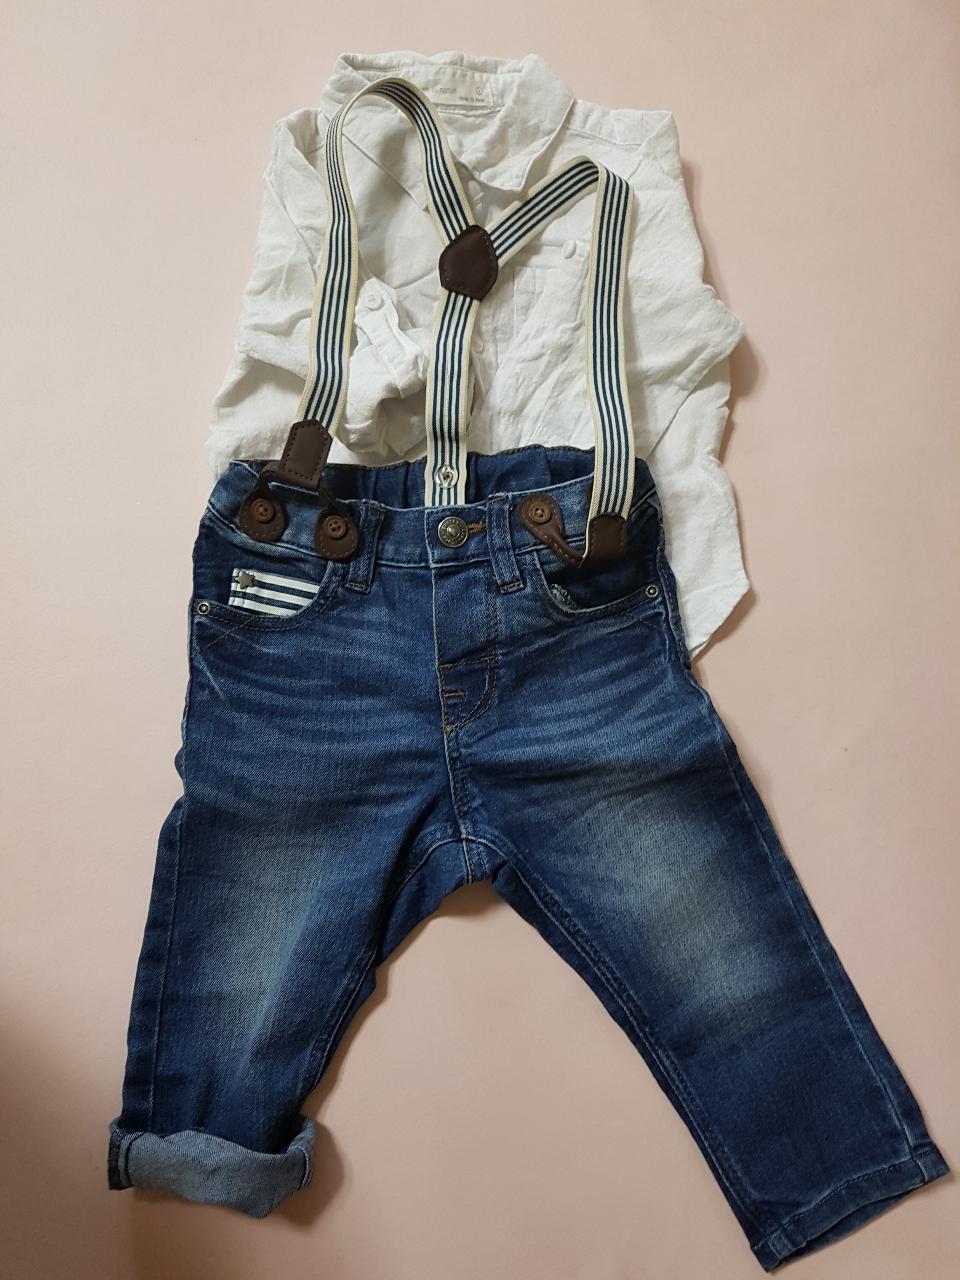 H&M 청바지~보세셔츠 같이 드려요~^^